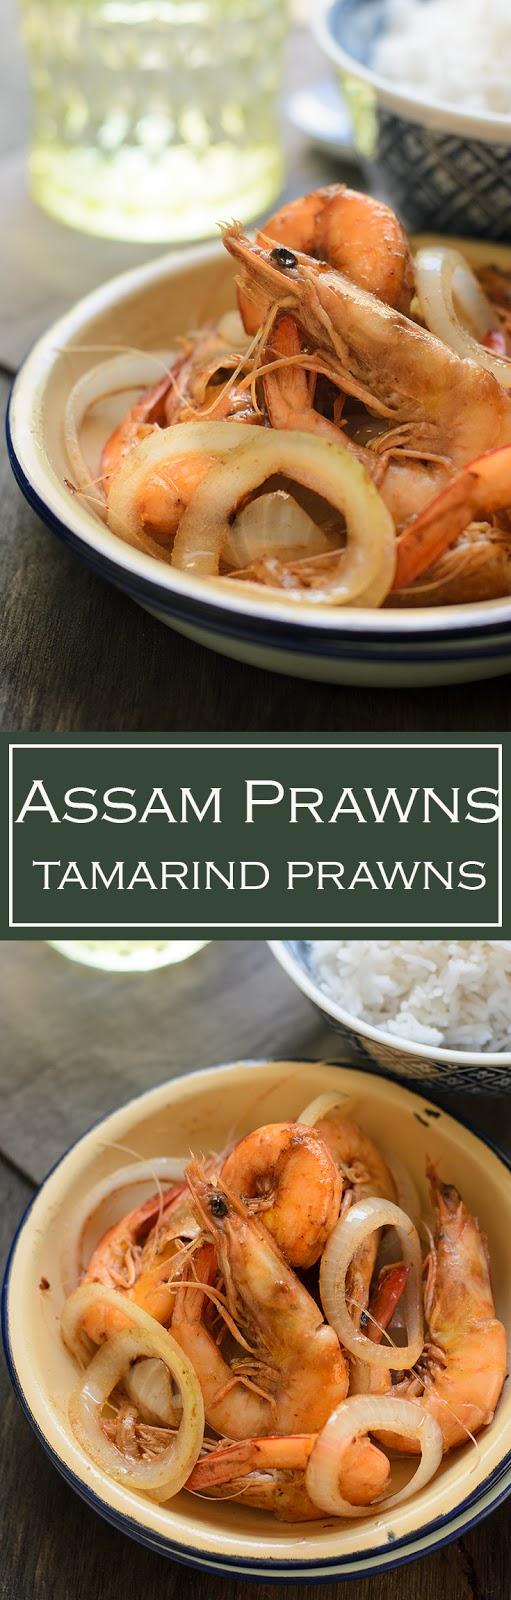 Tamarind prawns image